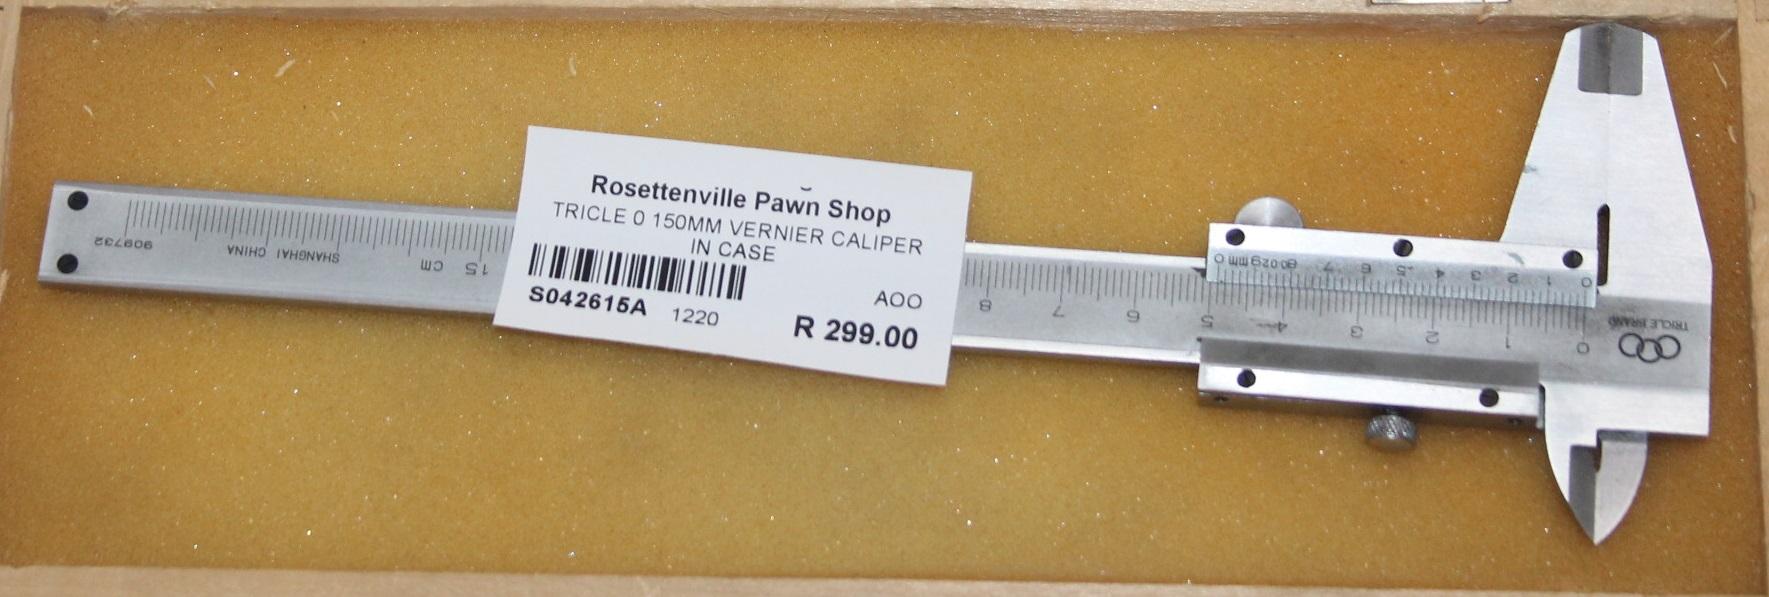 Tricle 0-150mm vernier caliper in case S042615A #Rosettenvillepawnshop